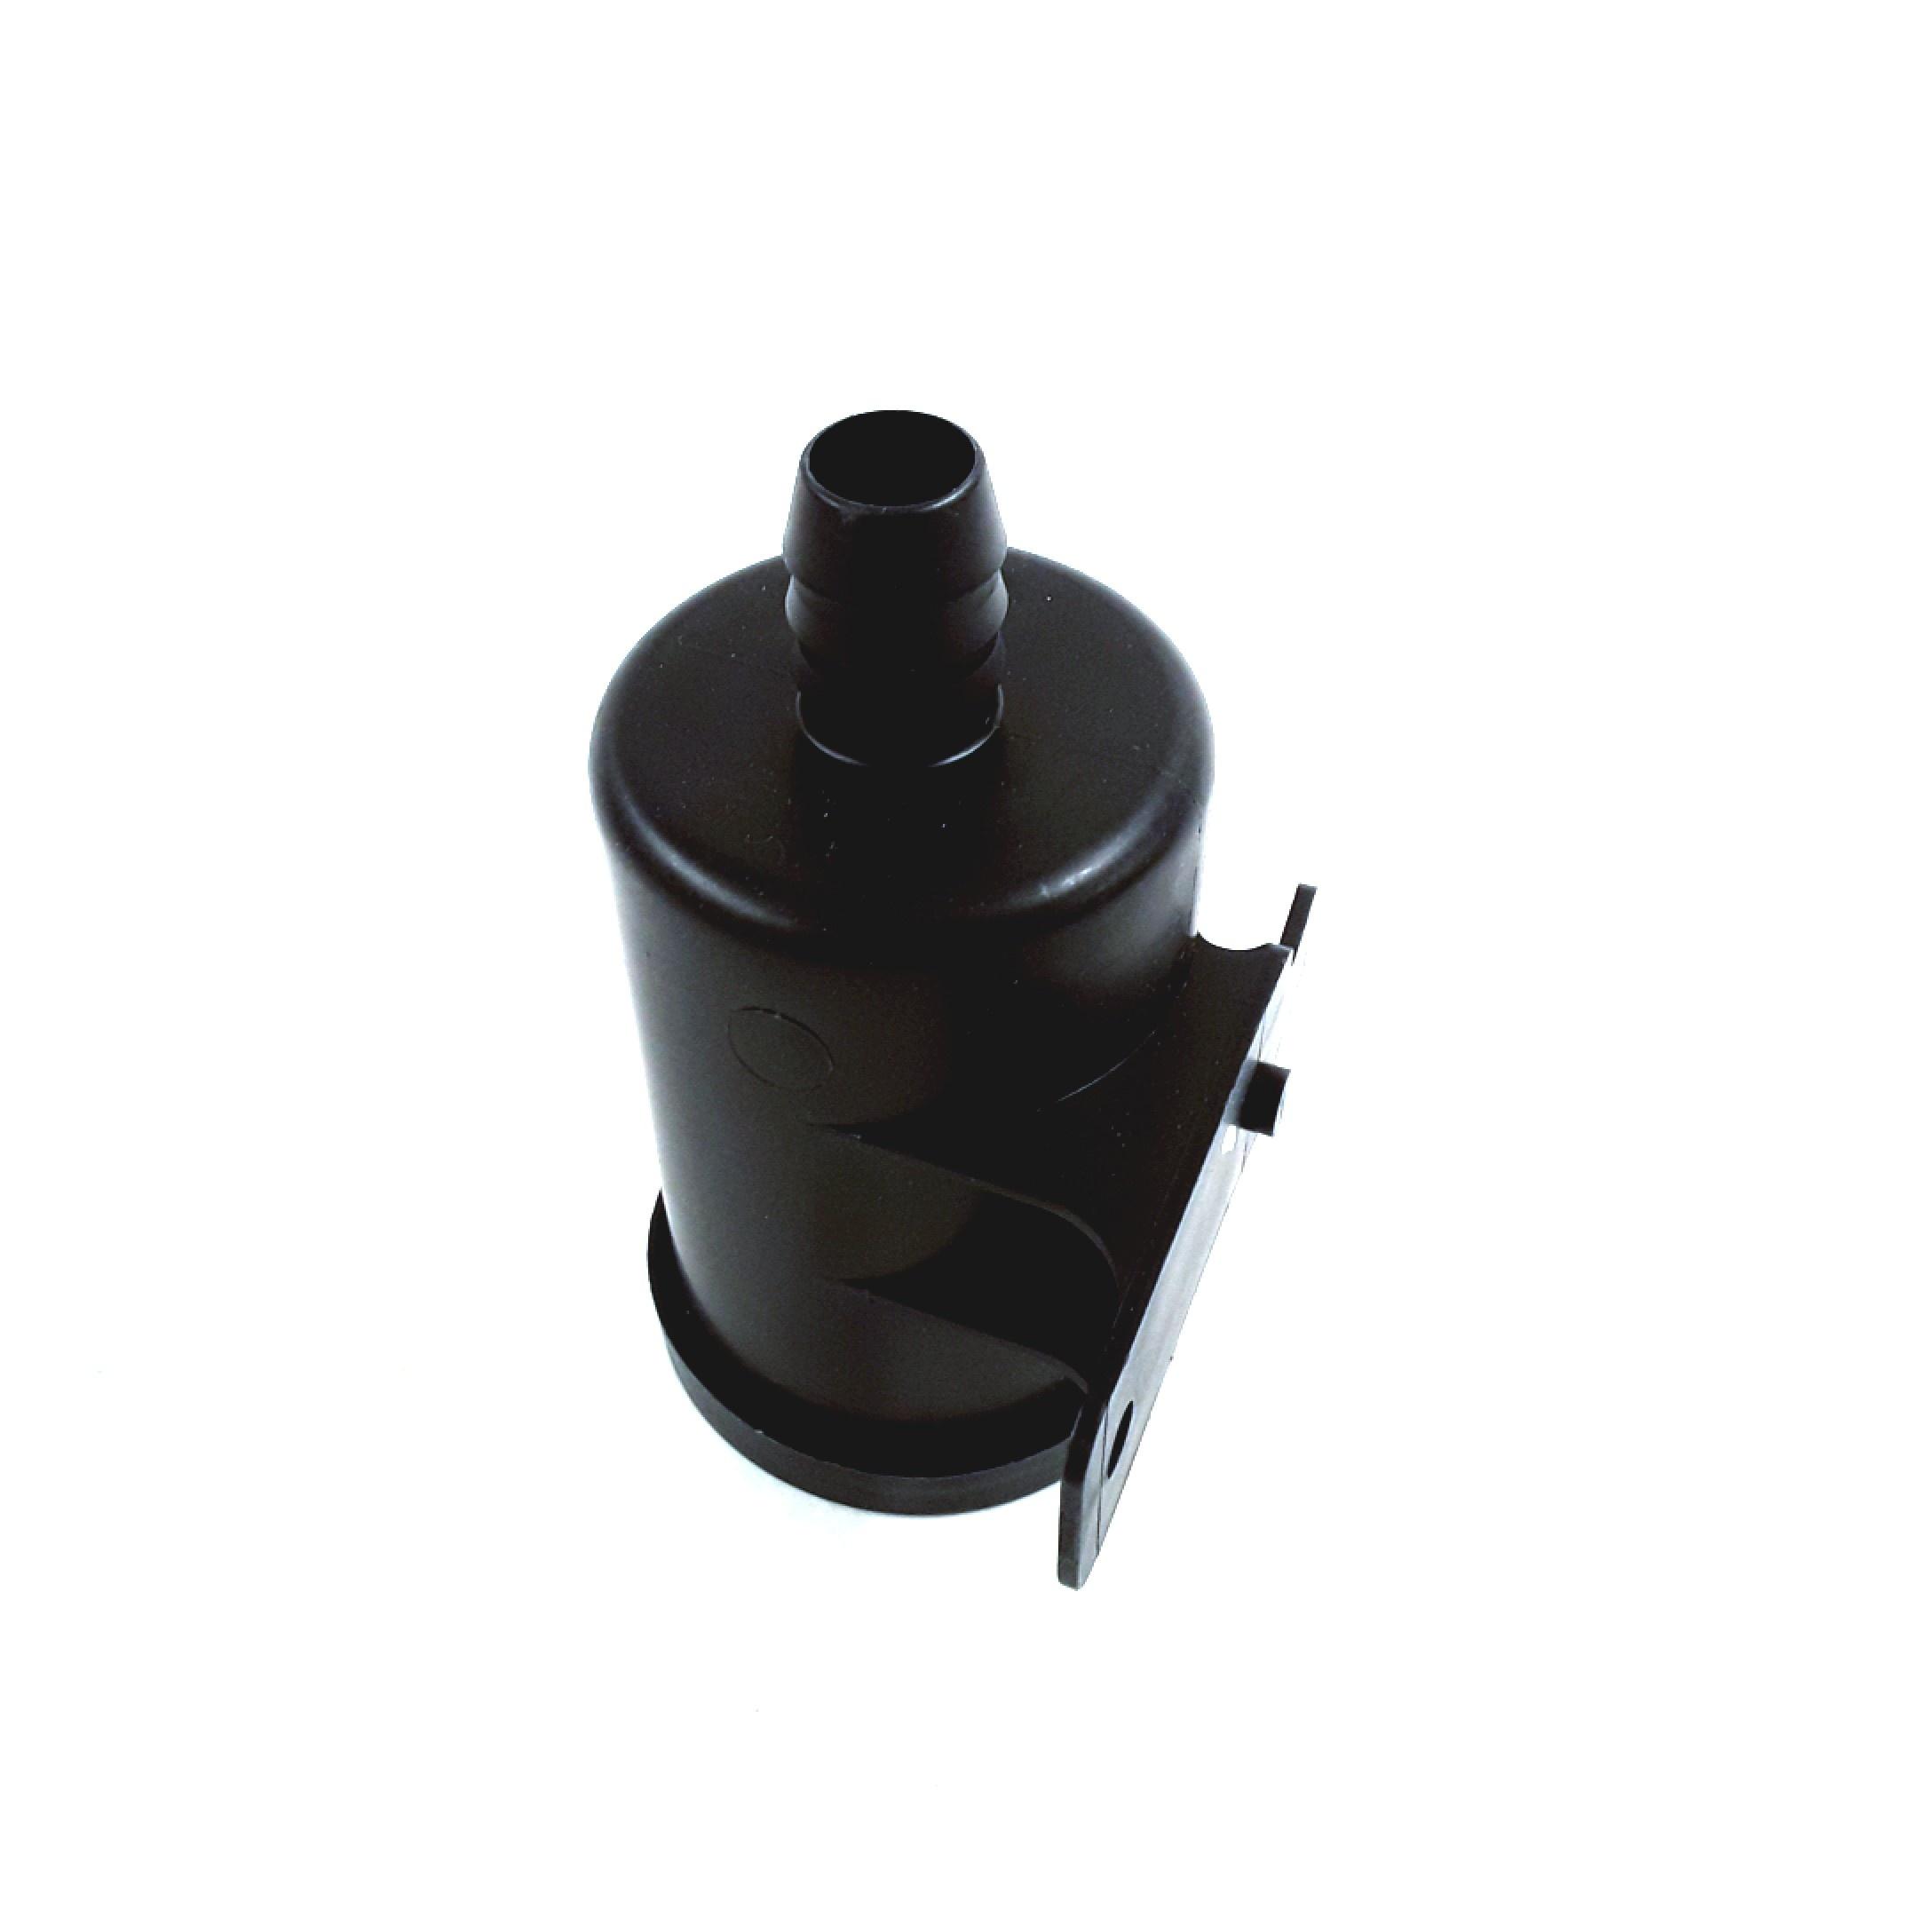 1c0906621a - Filter  Liter  Leak  Pump